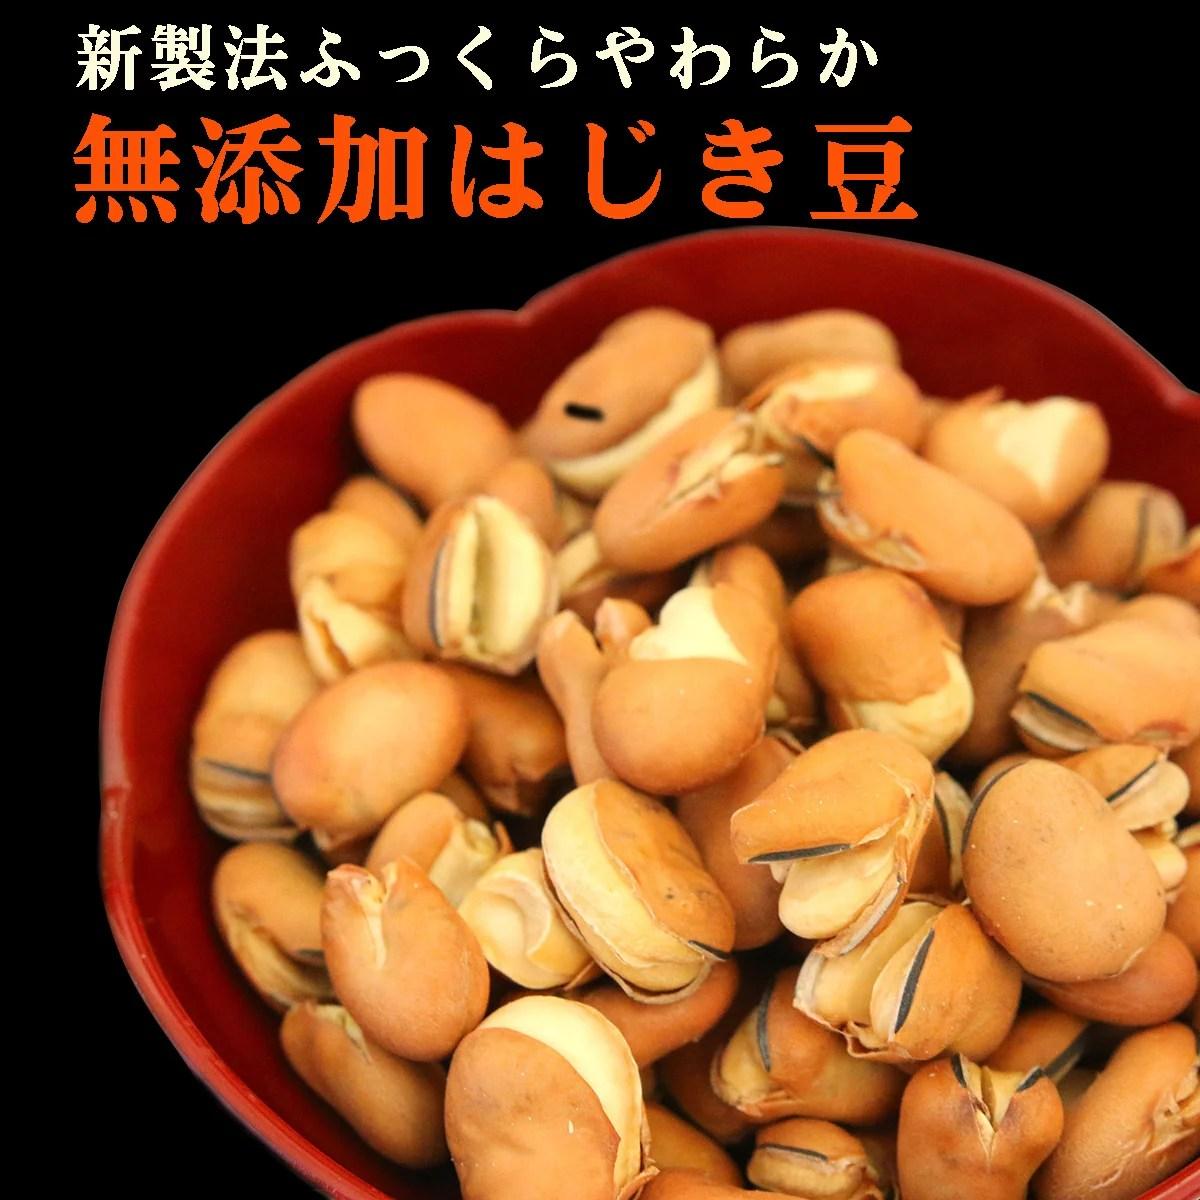 【無添加 無塩 無油】遠赤焙煎 はじき豆 (煎り空豆) 新製法でふっくらサクサク